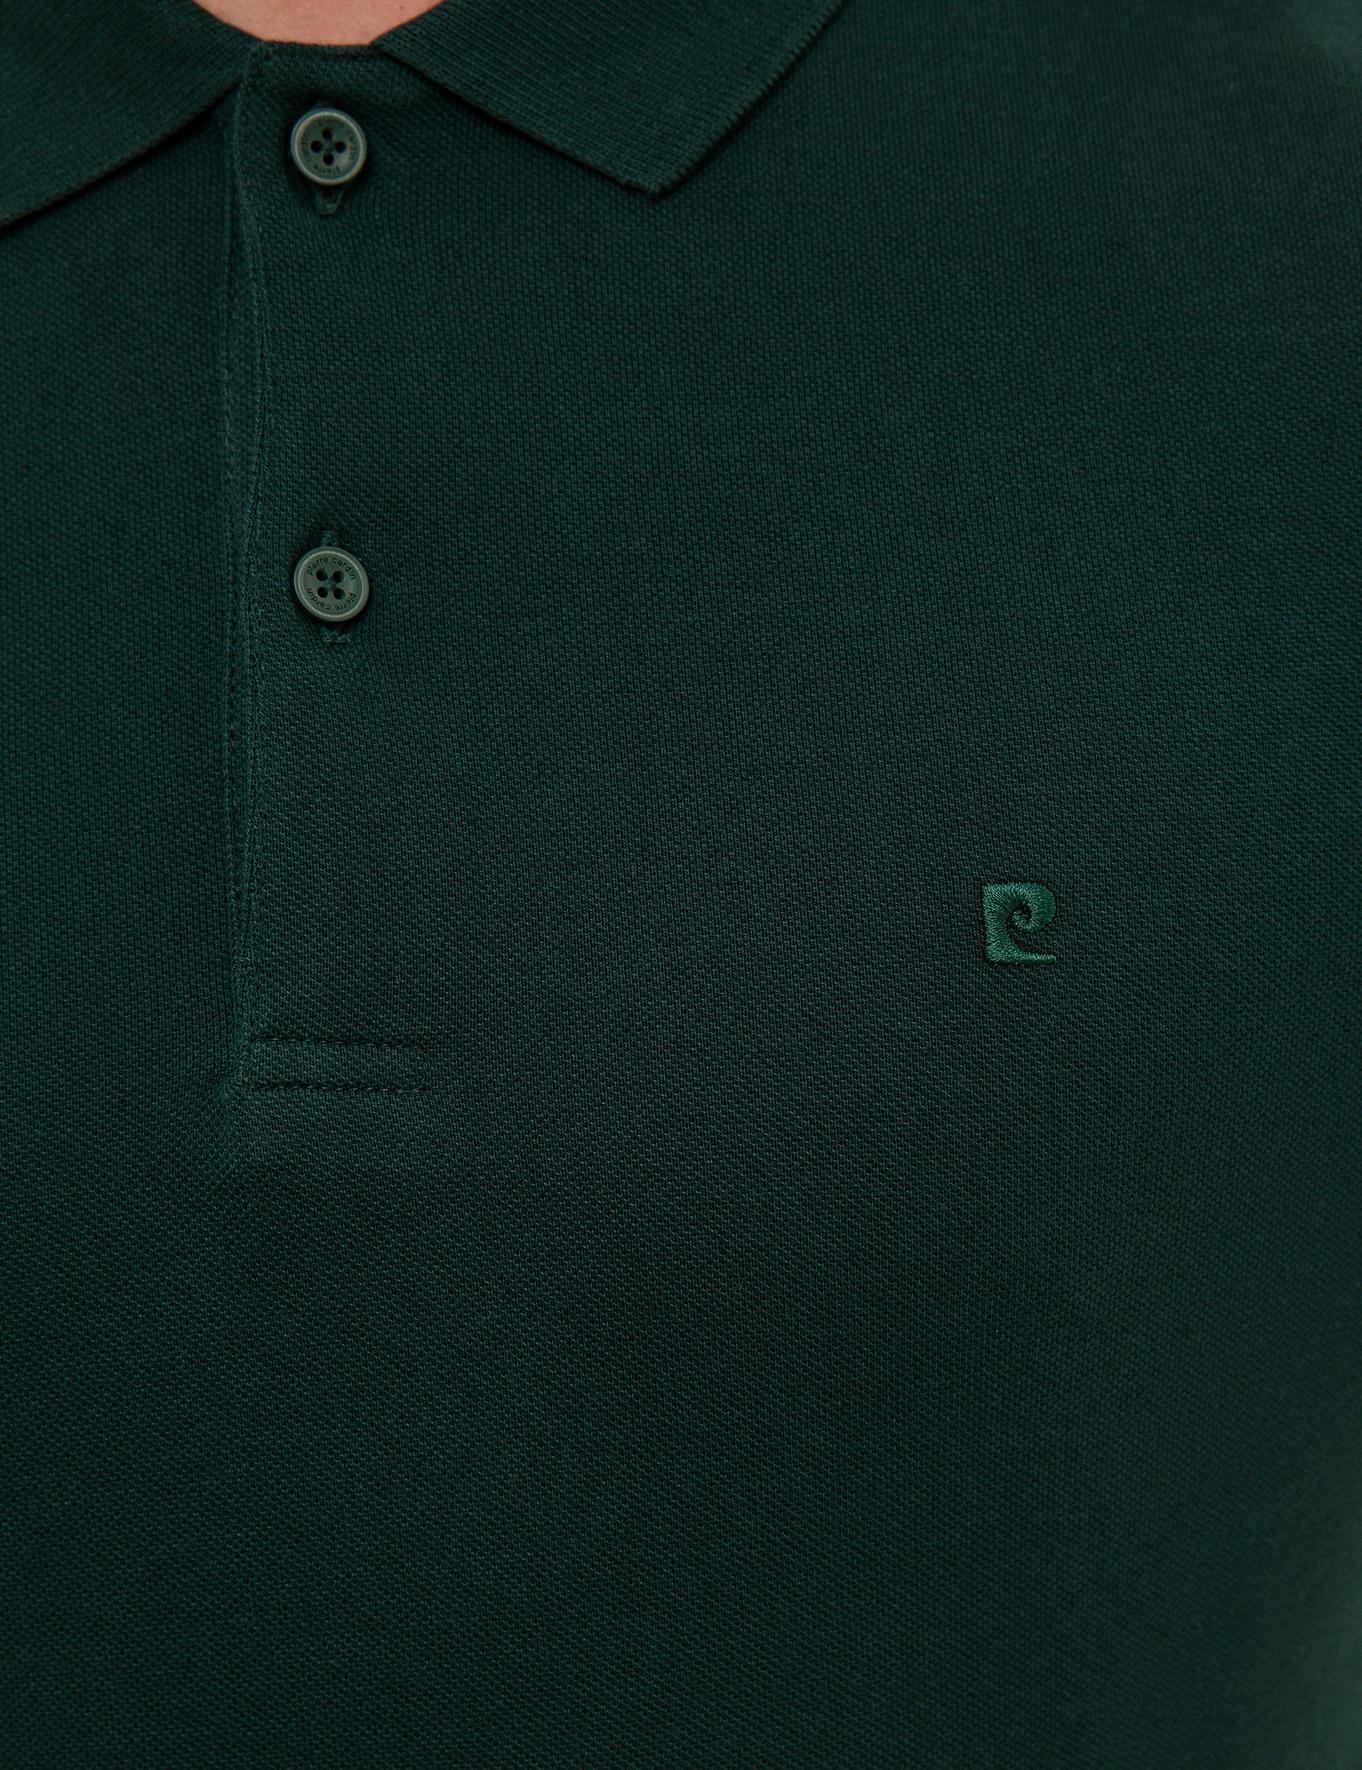 Koyu Yeşil Slim Fit Polo Yaka Sweatshirt